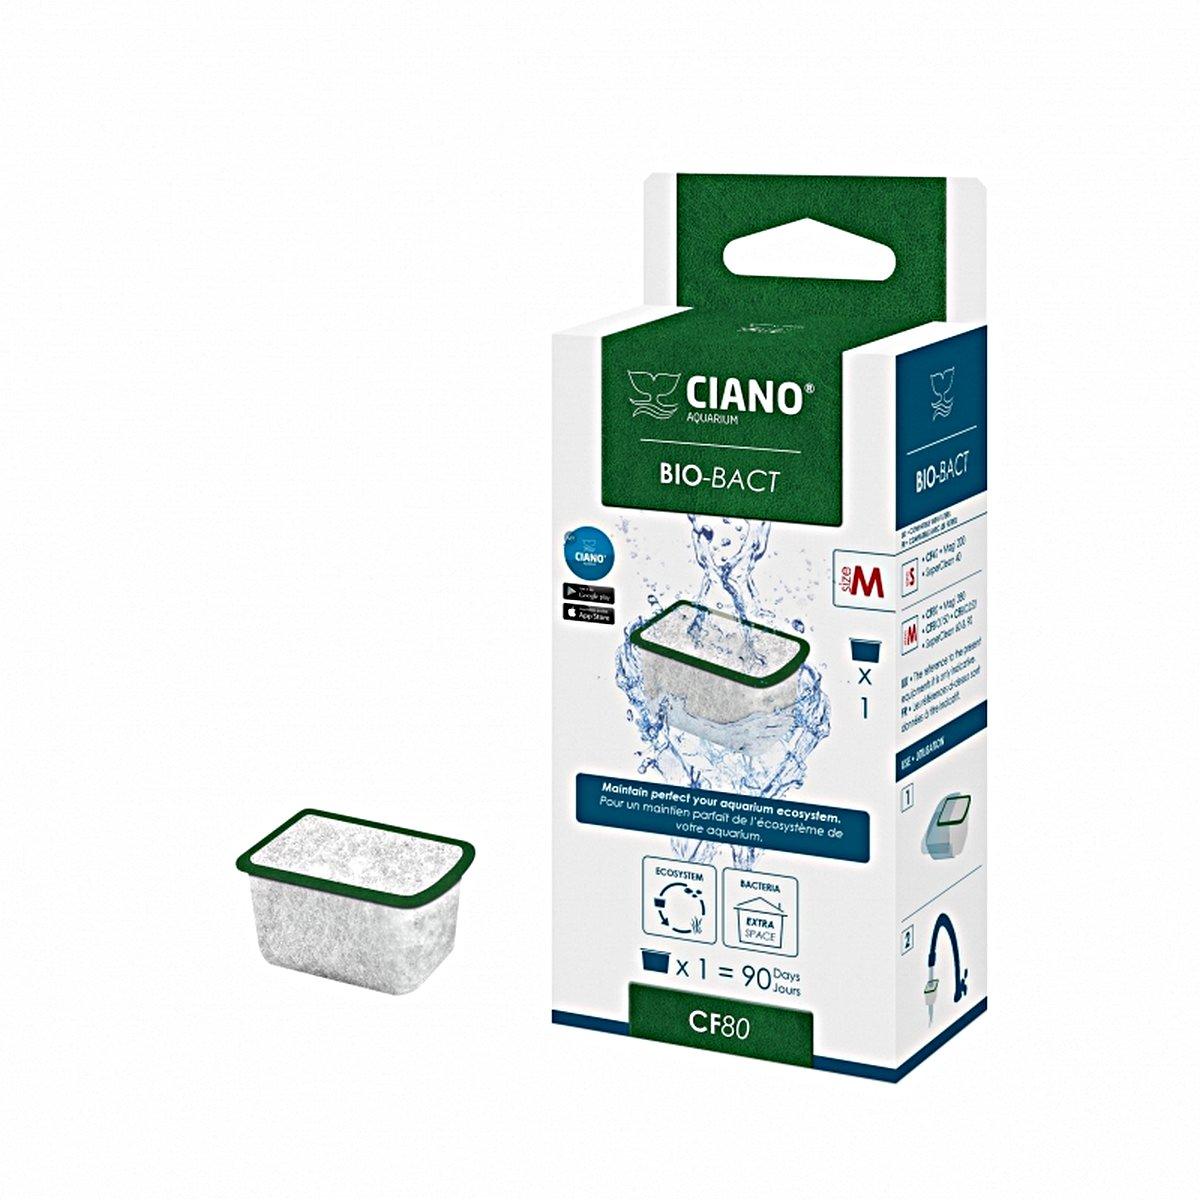 Afbeelding van Ciano Bio bact 1st Groen 4,6x3,6x3,1cm